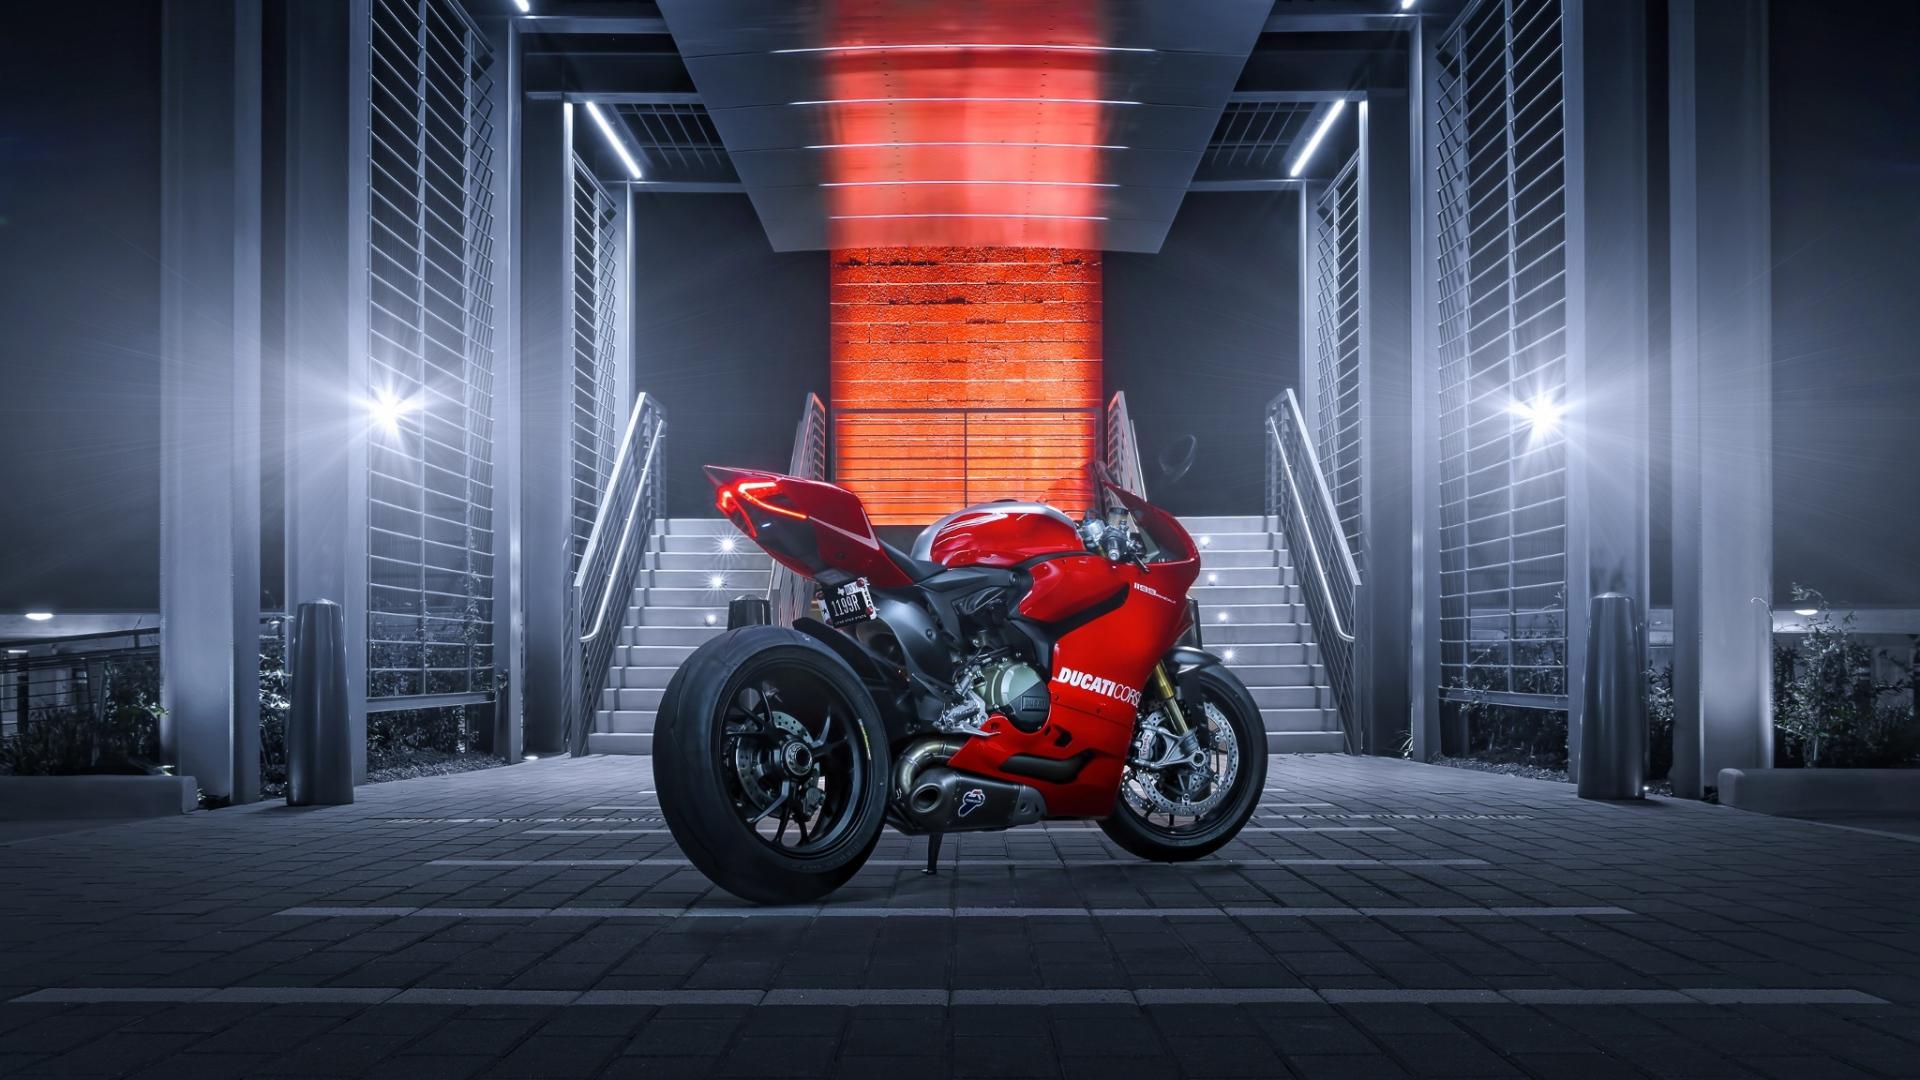 ducati bike desktop hd wallpaper 60234